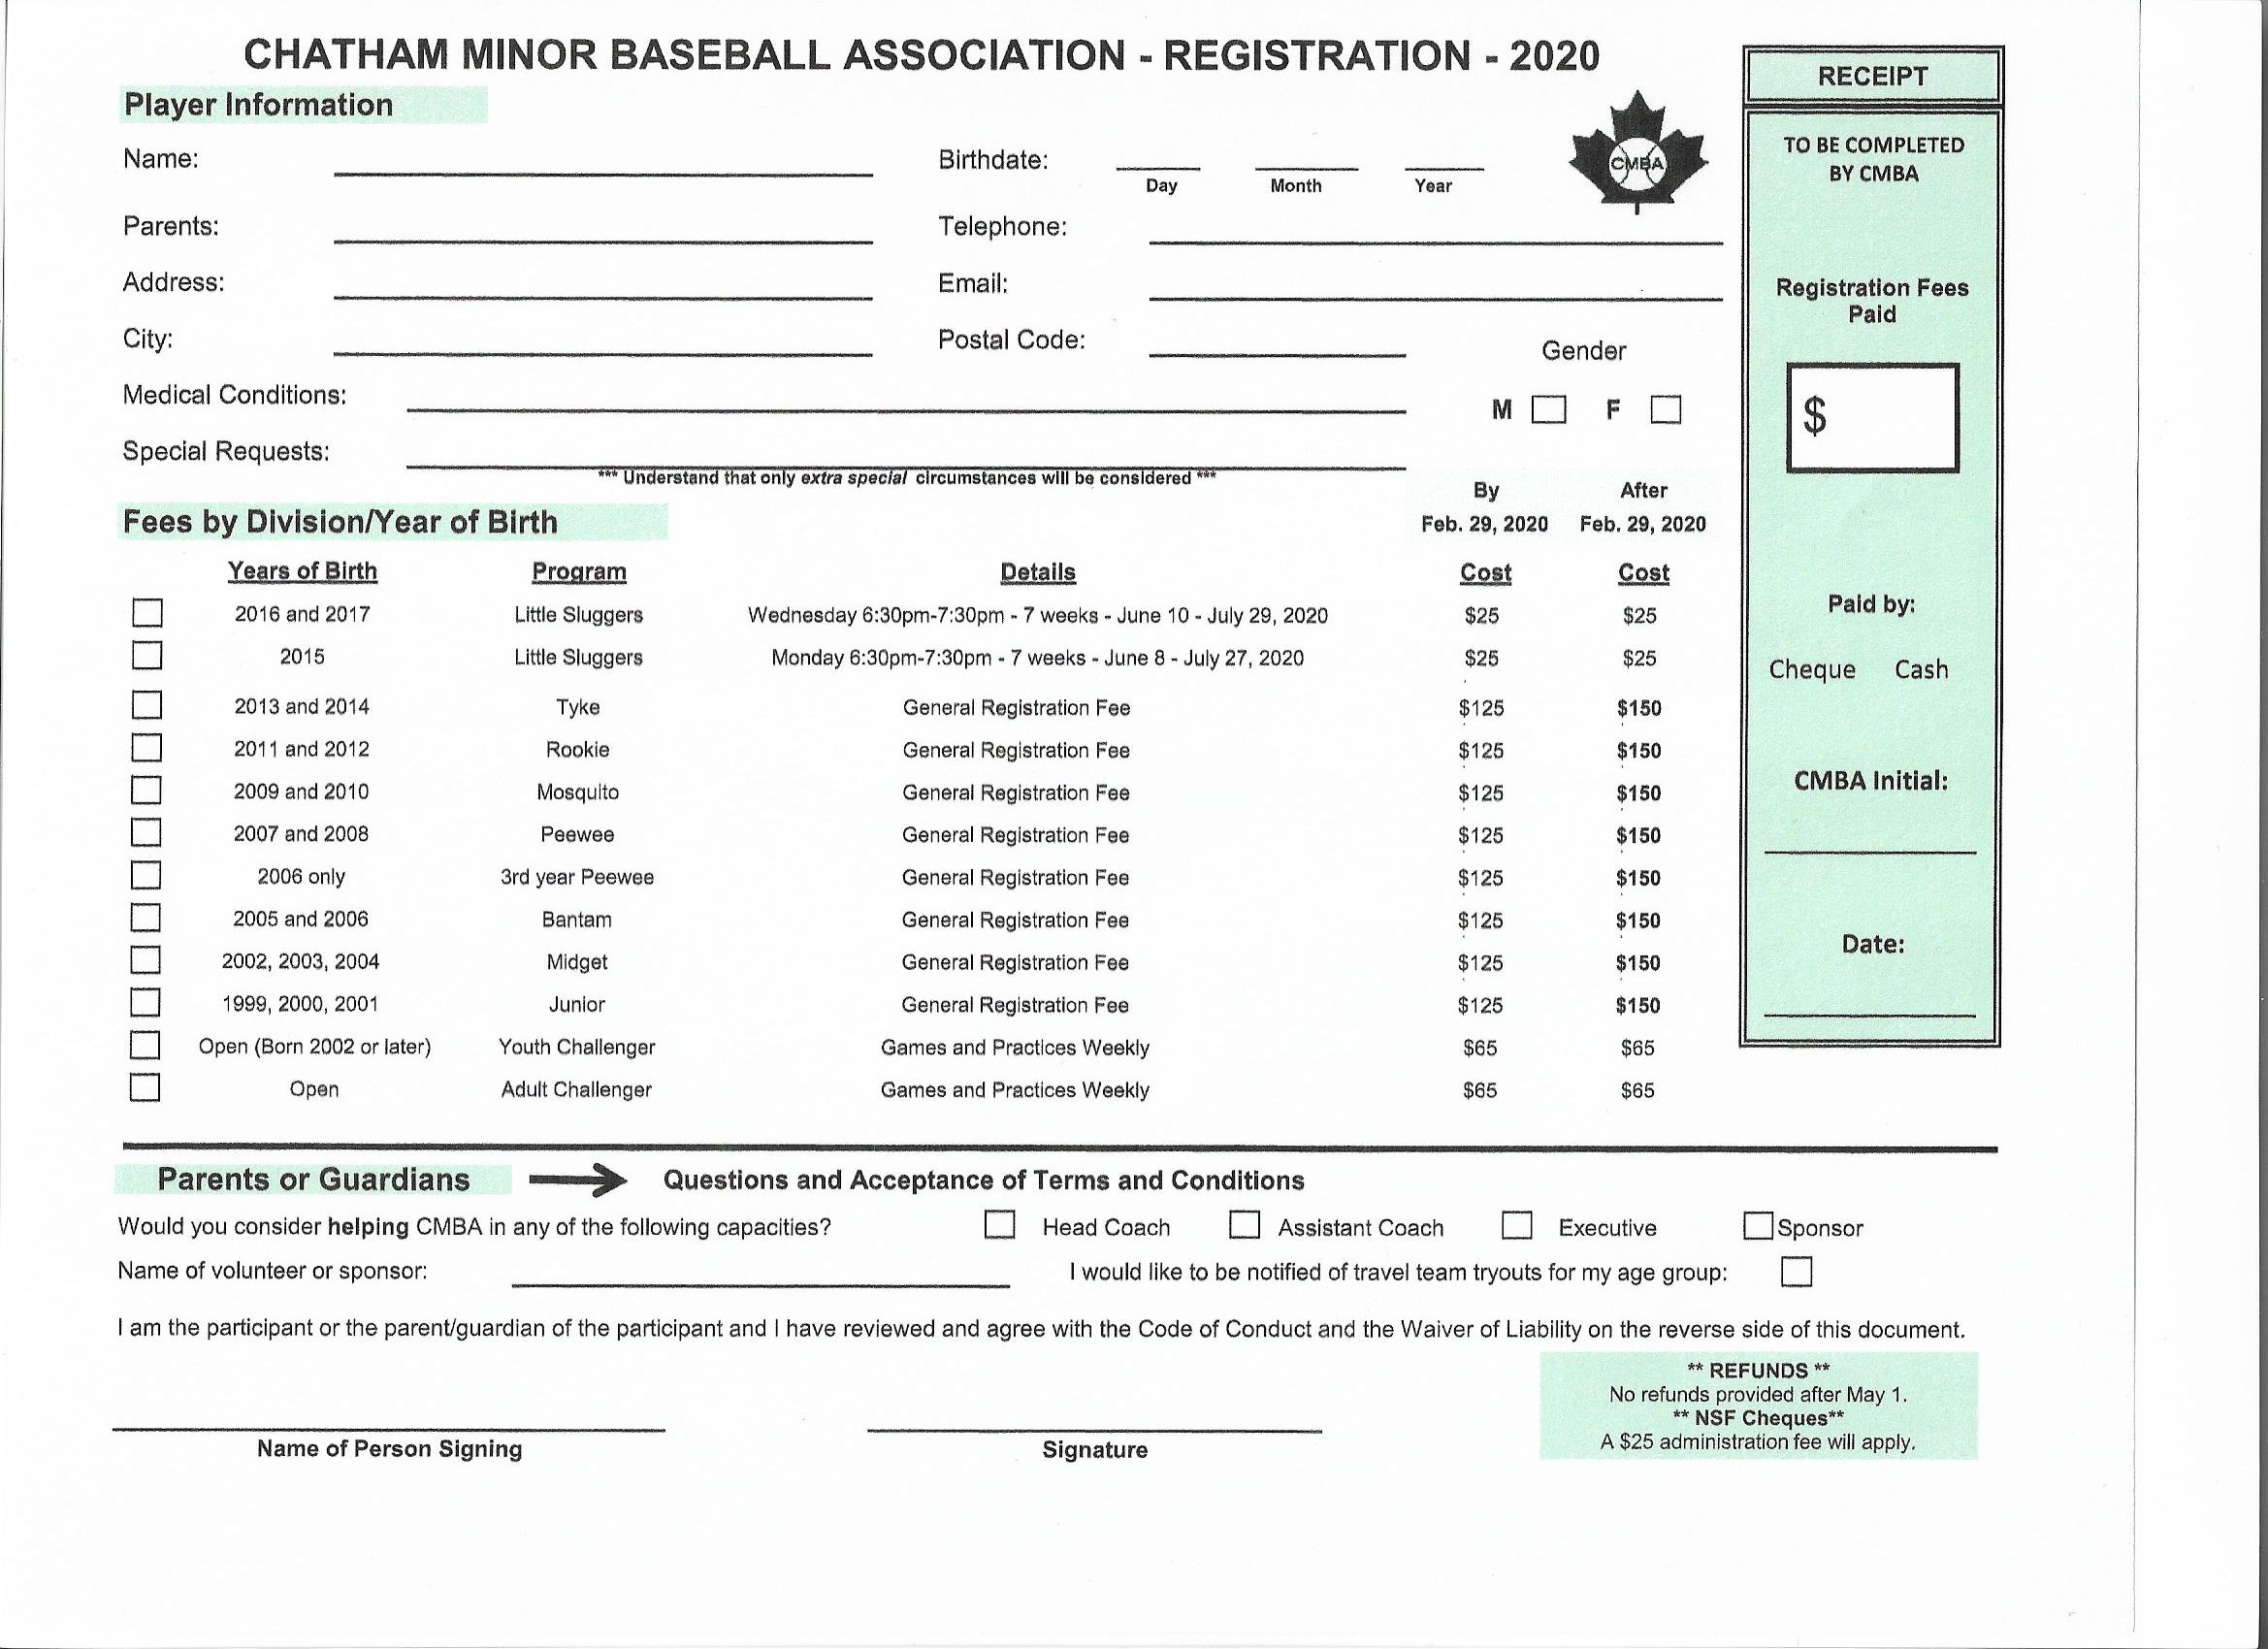 Adult Challenger Registration Form